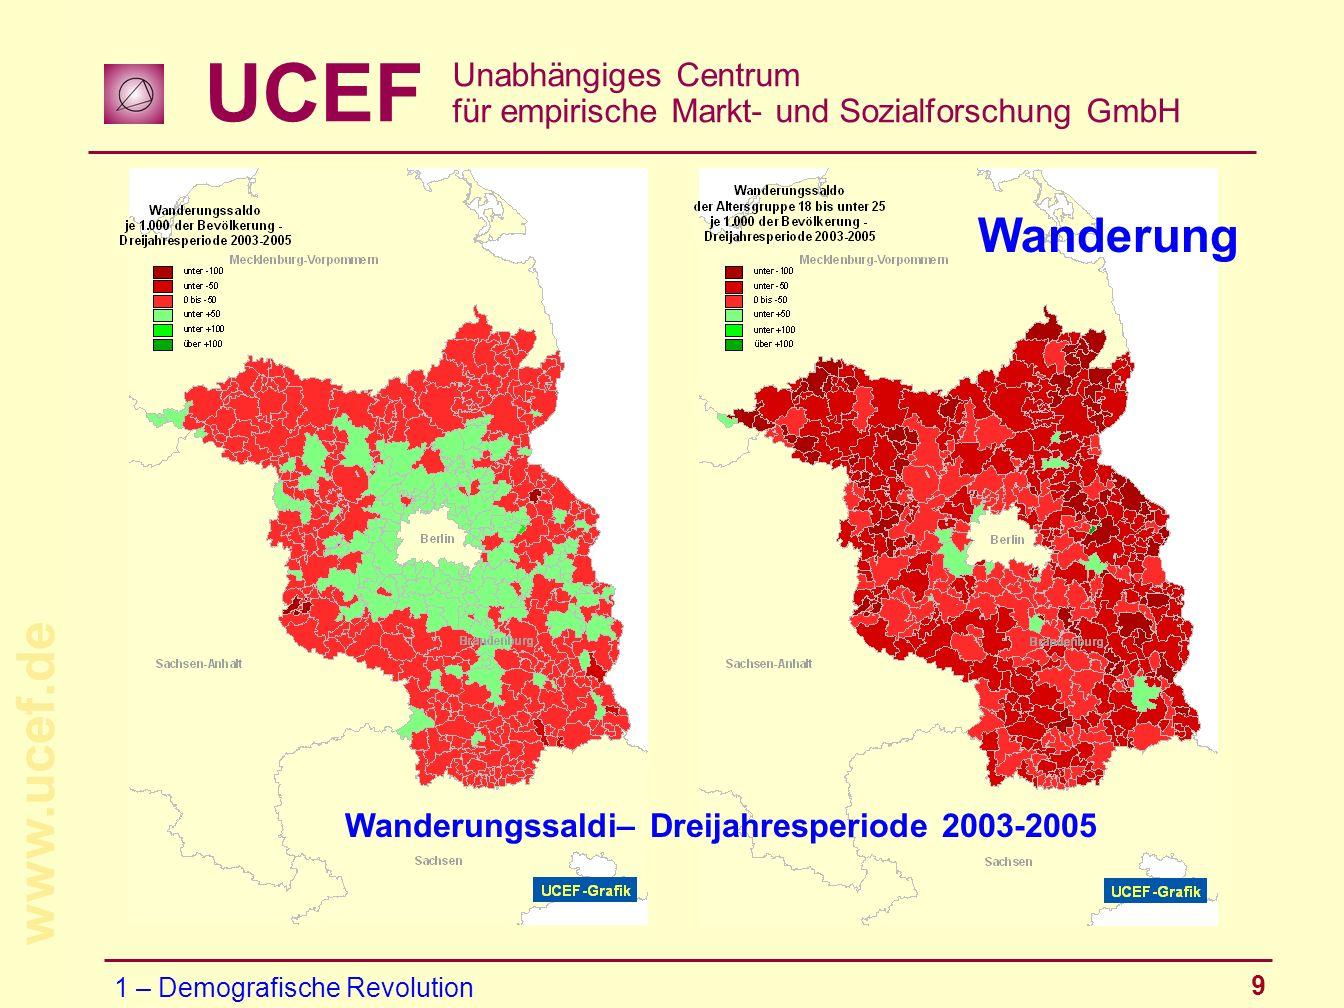 Wanderungssaldi– Dreijahresperiode 2003-2005